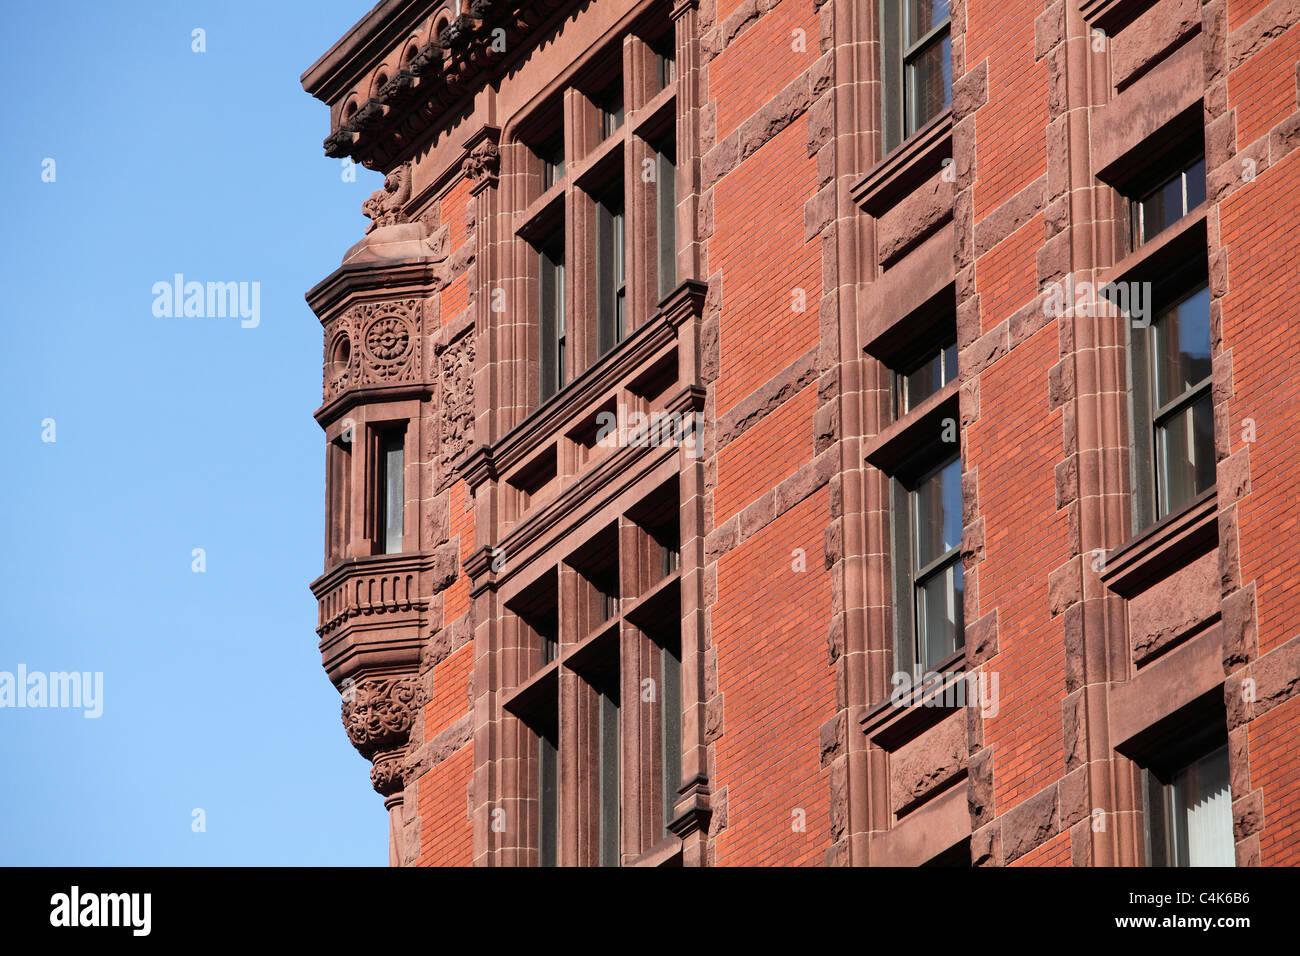 Ornate red brick building in Boston - Stock Image